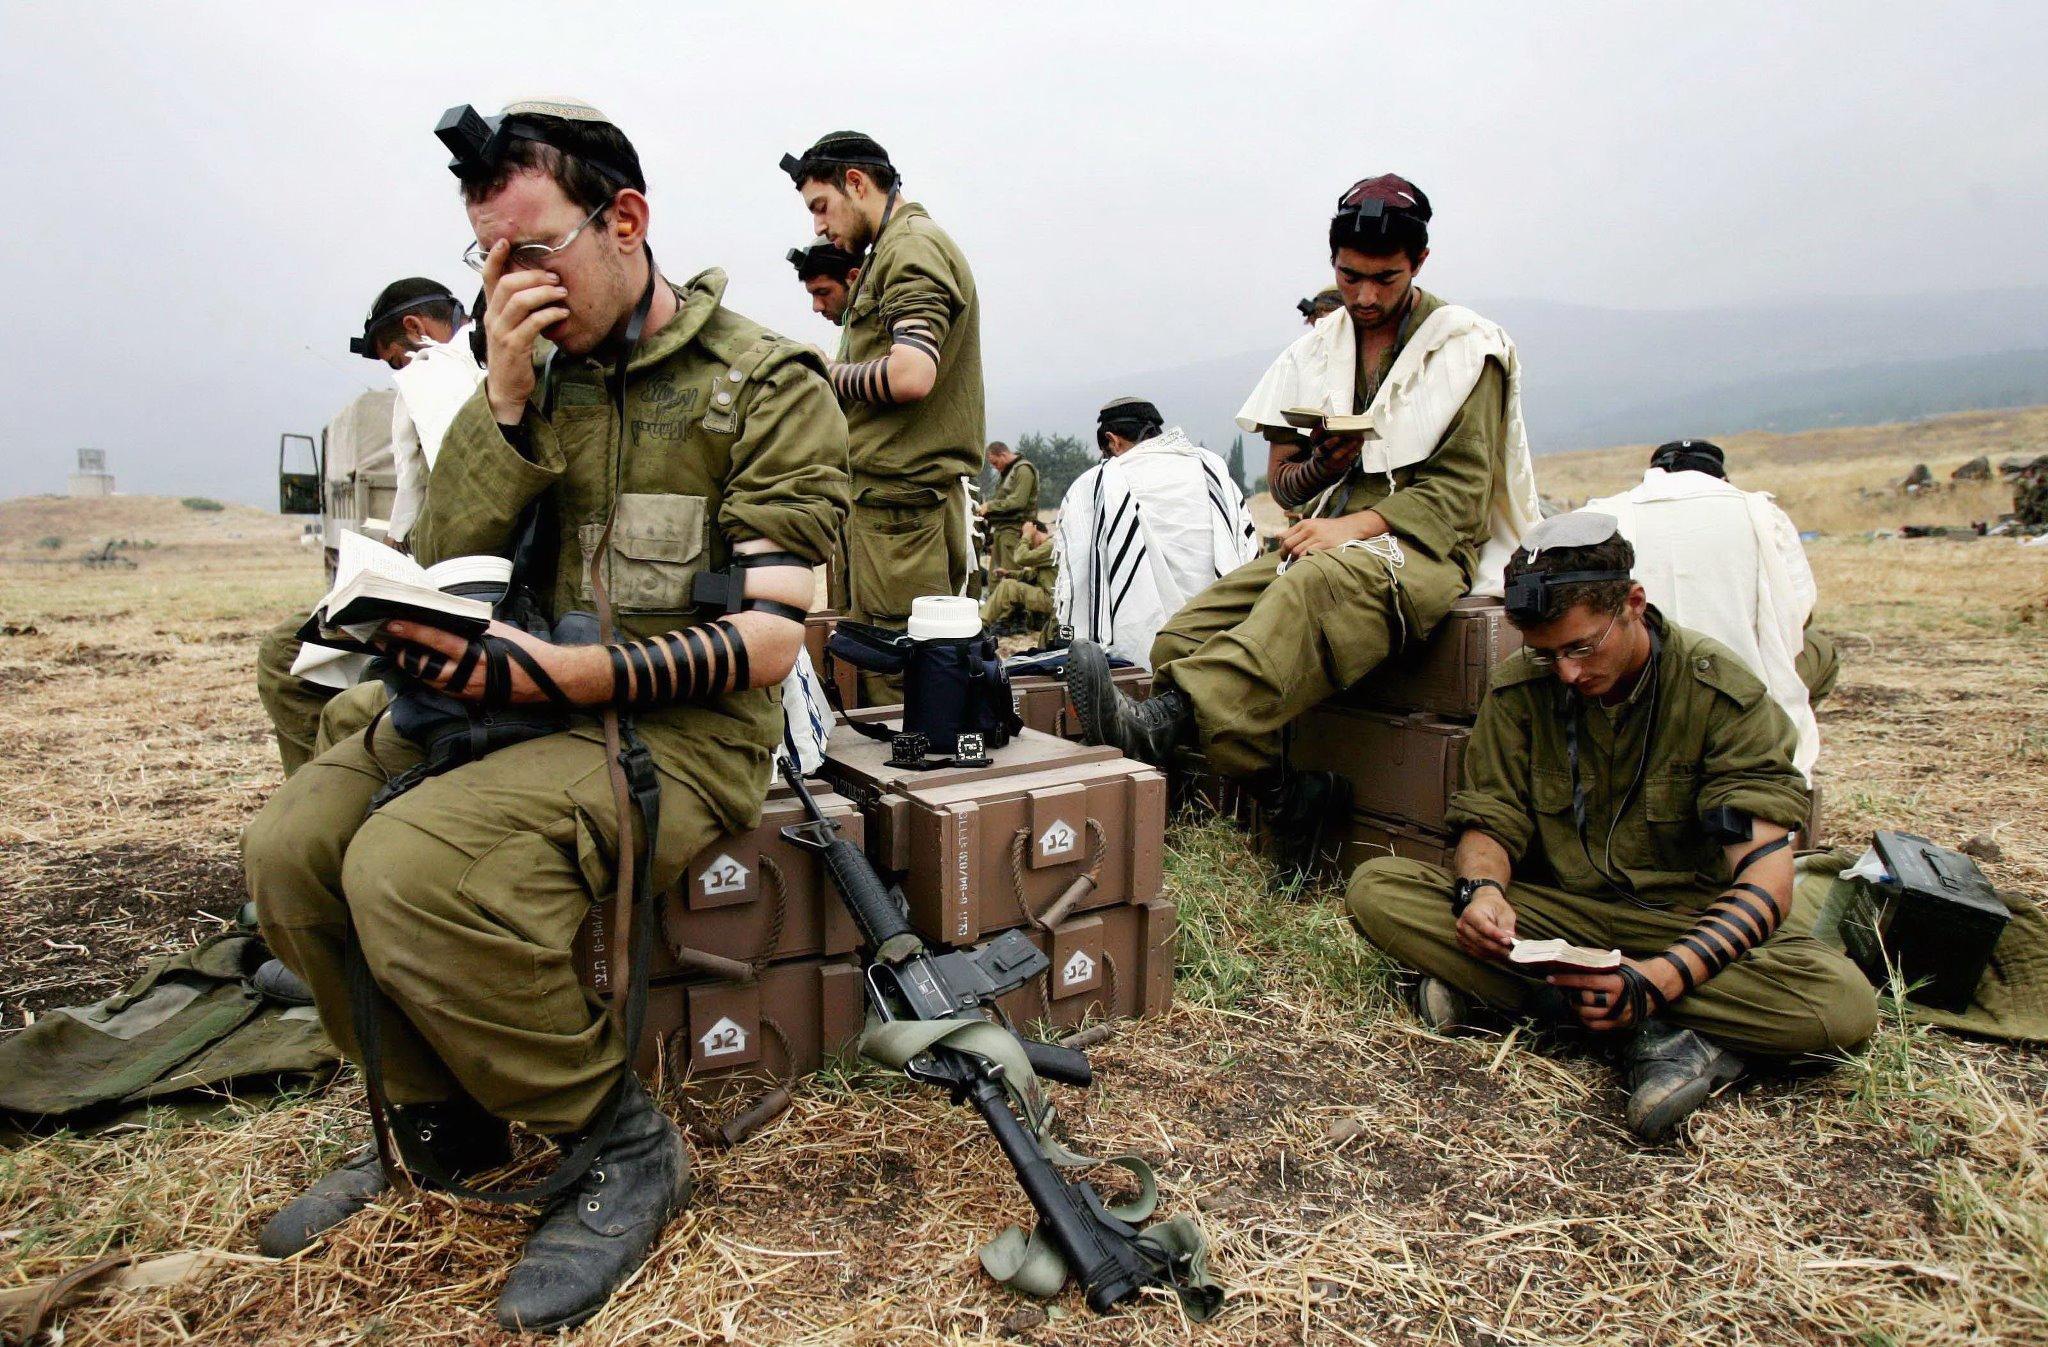 استطلاع: 52% من الإسرائيليين يخشون من حرب قريبة